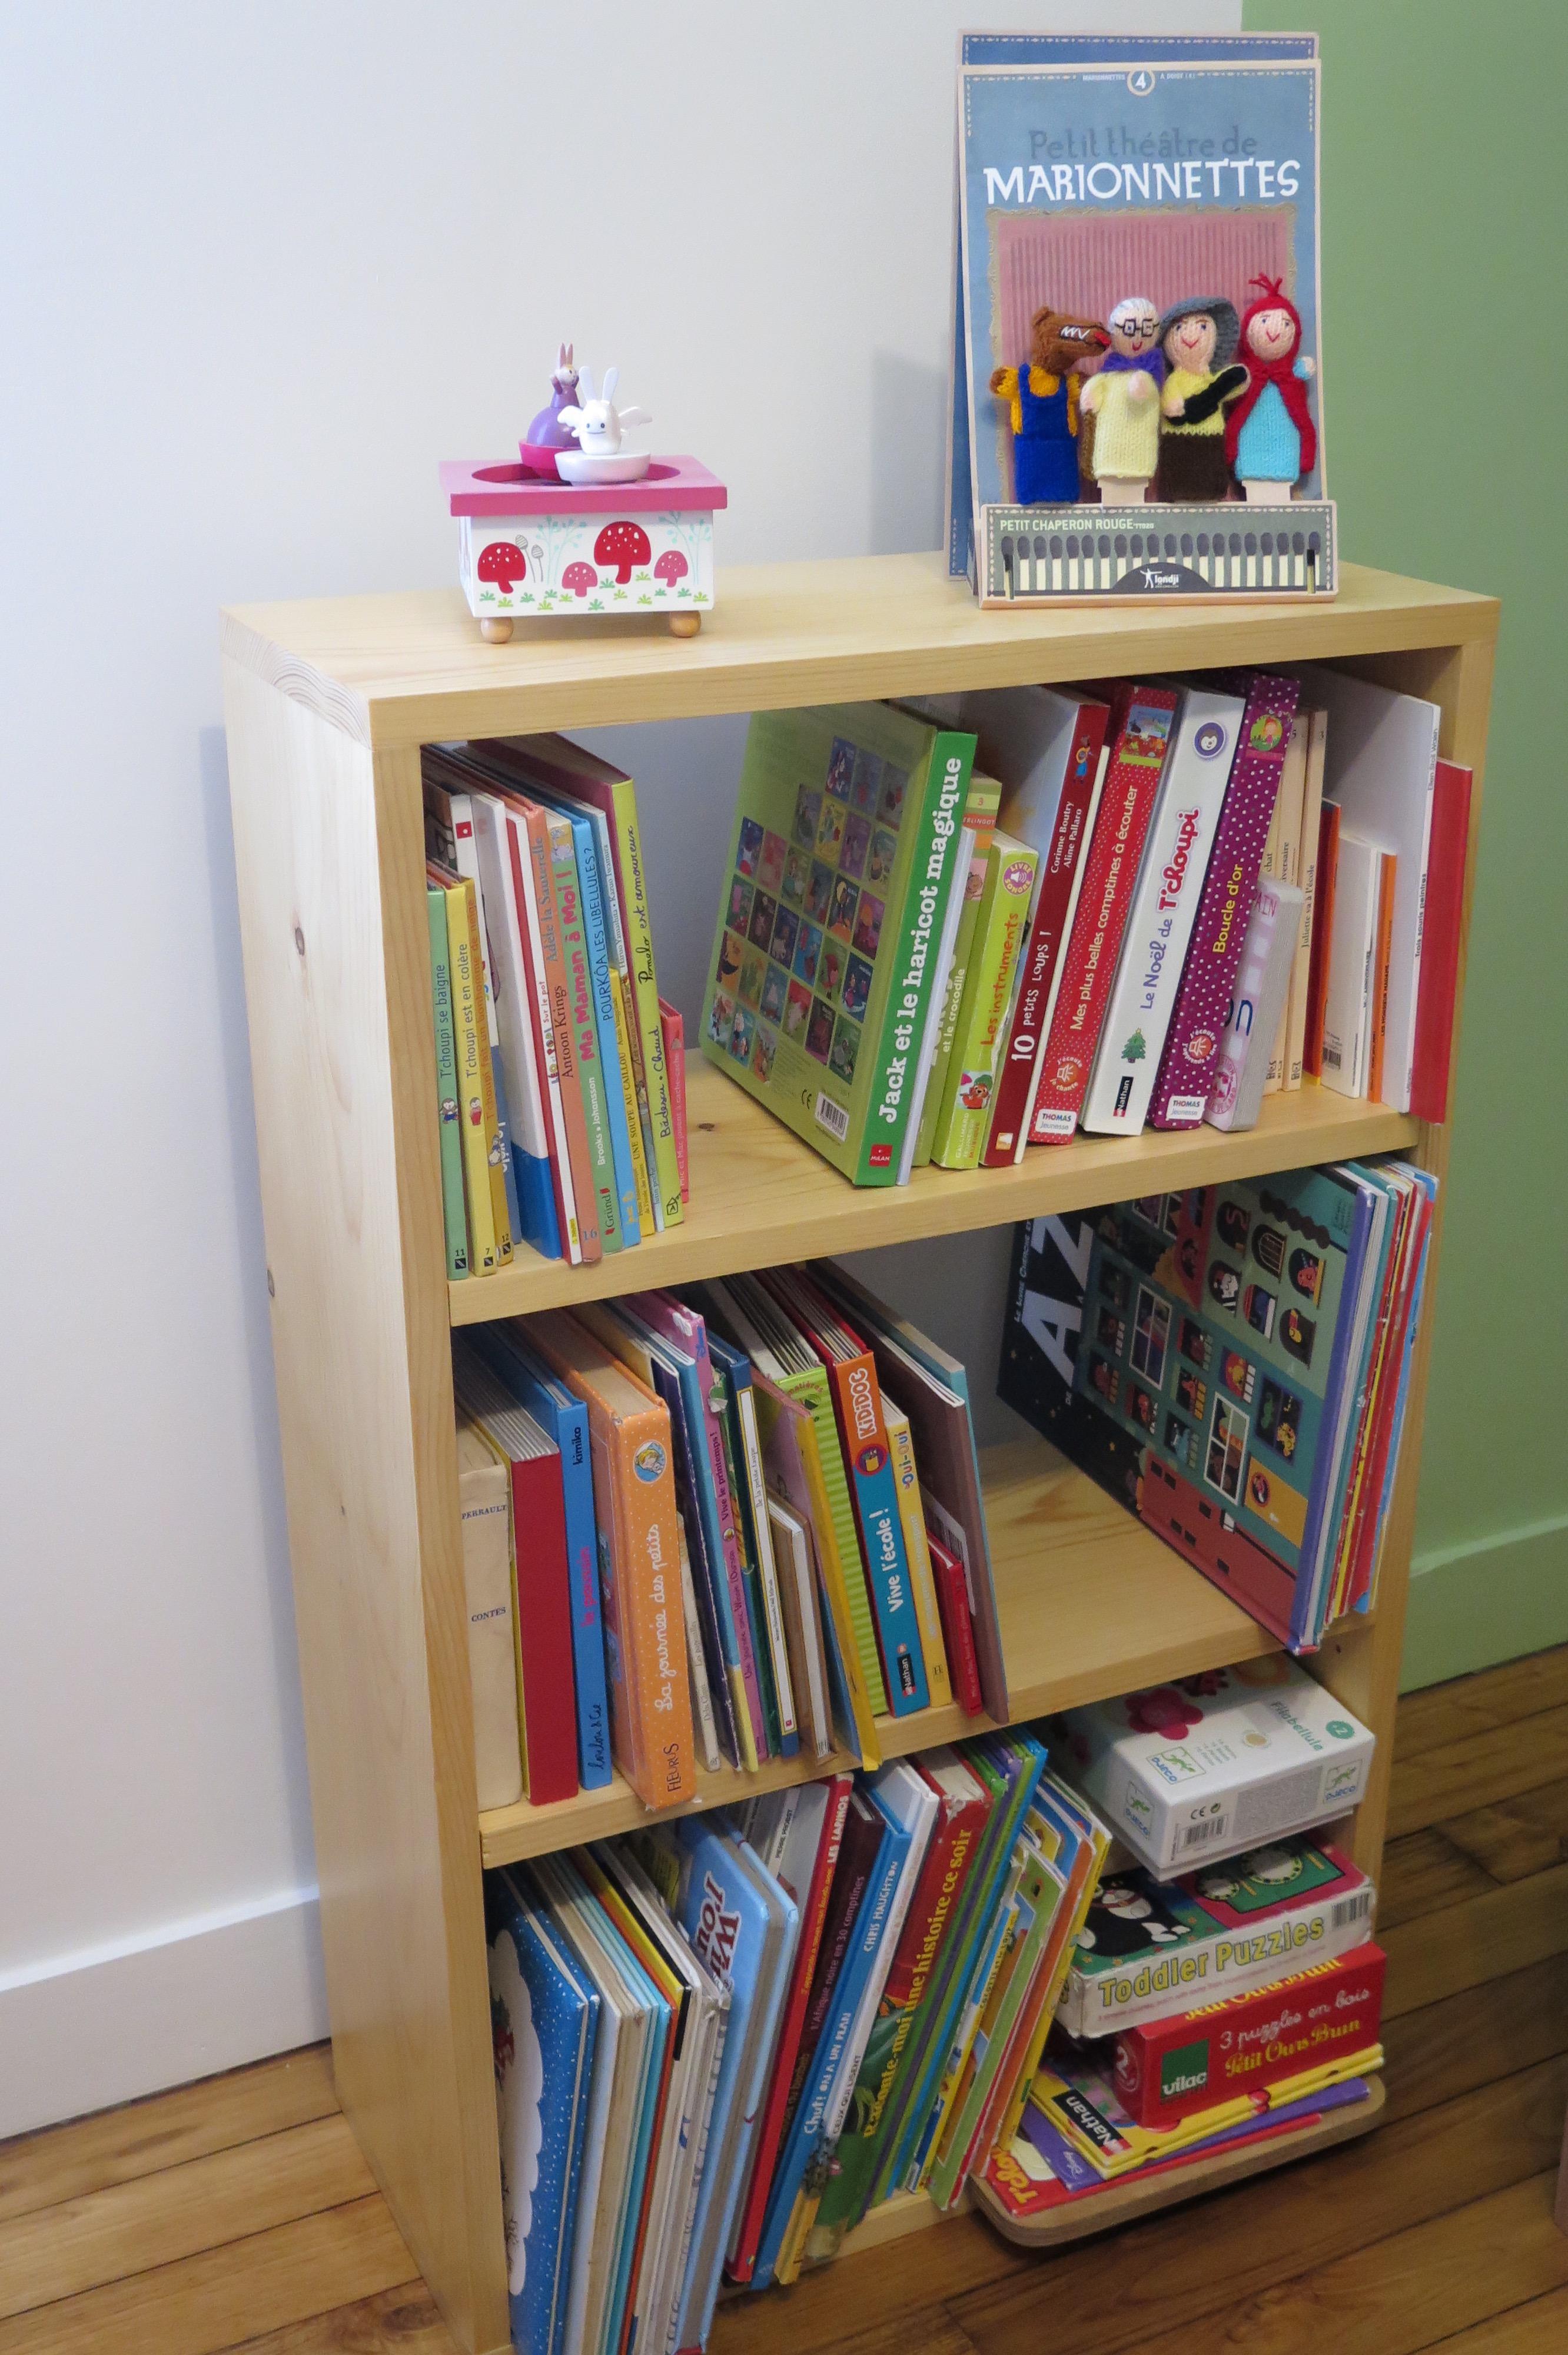 Encore une bibliothèque !